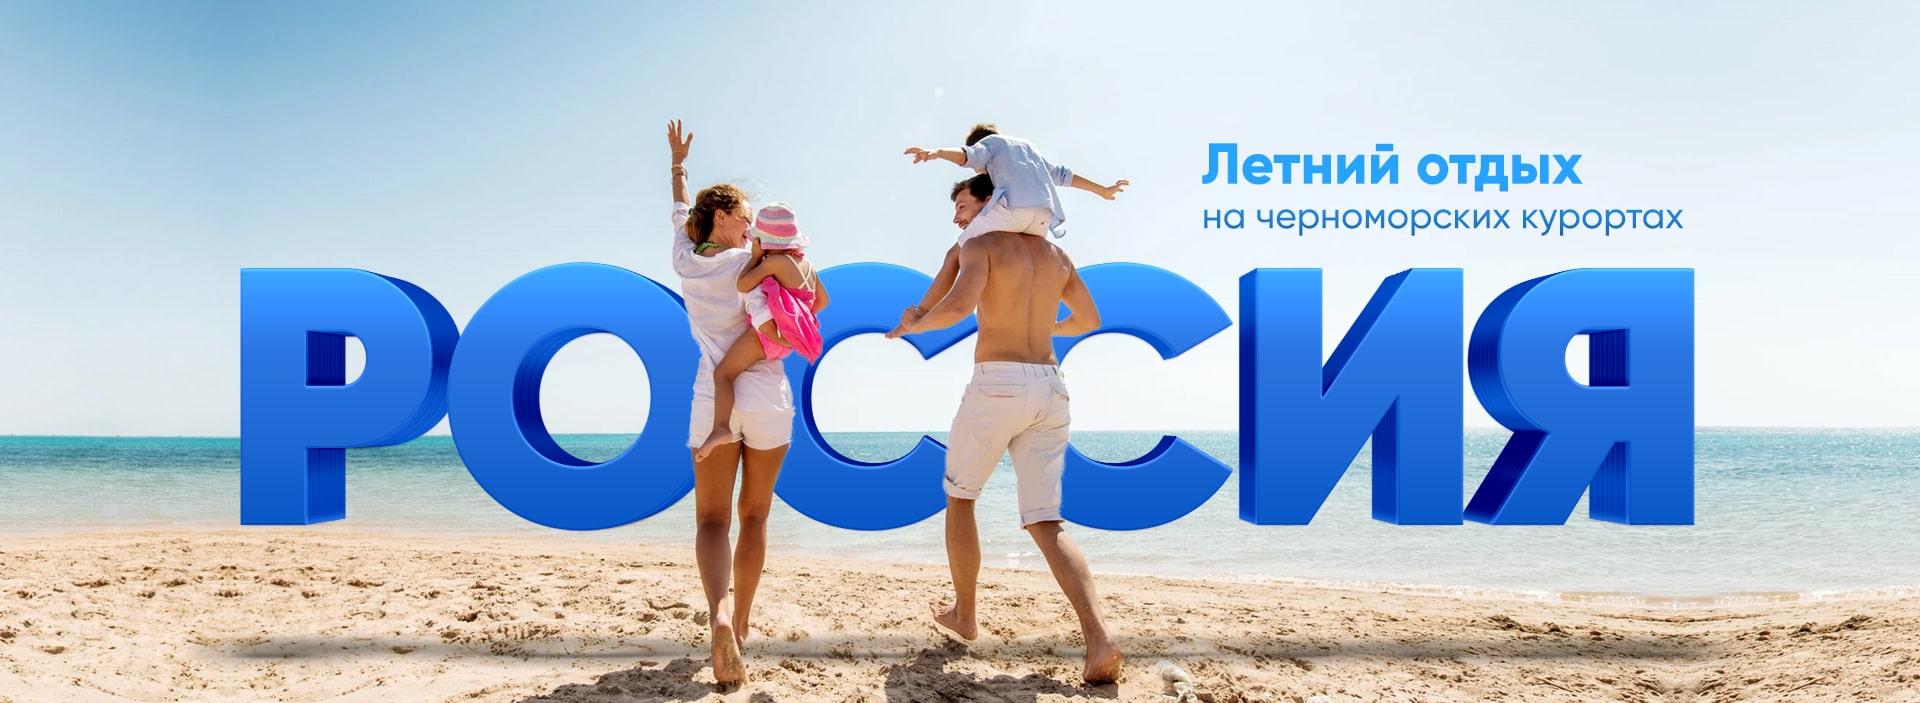 Туры по России из Таганрога 2020